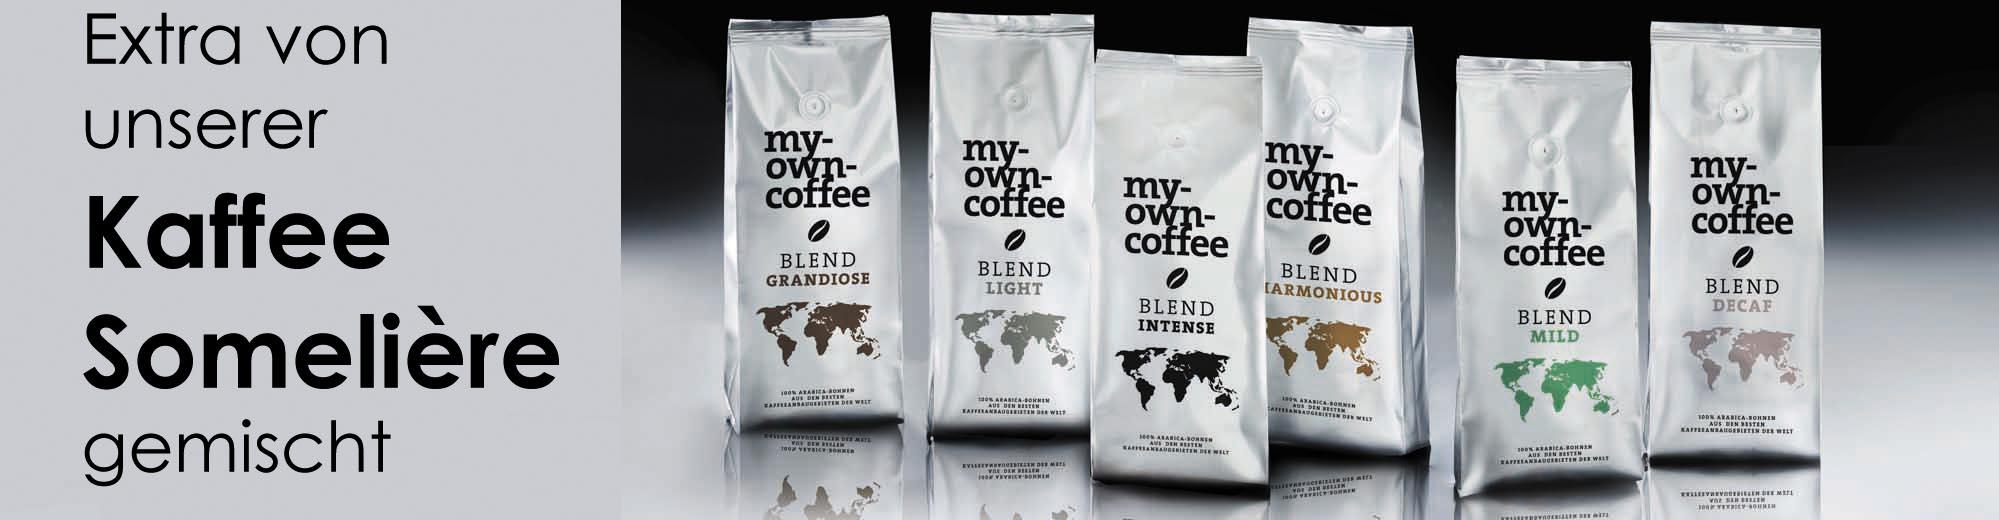 BLENDS von unserer Kaffee Sommelière